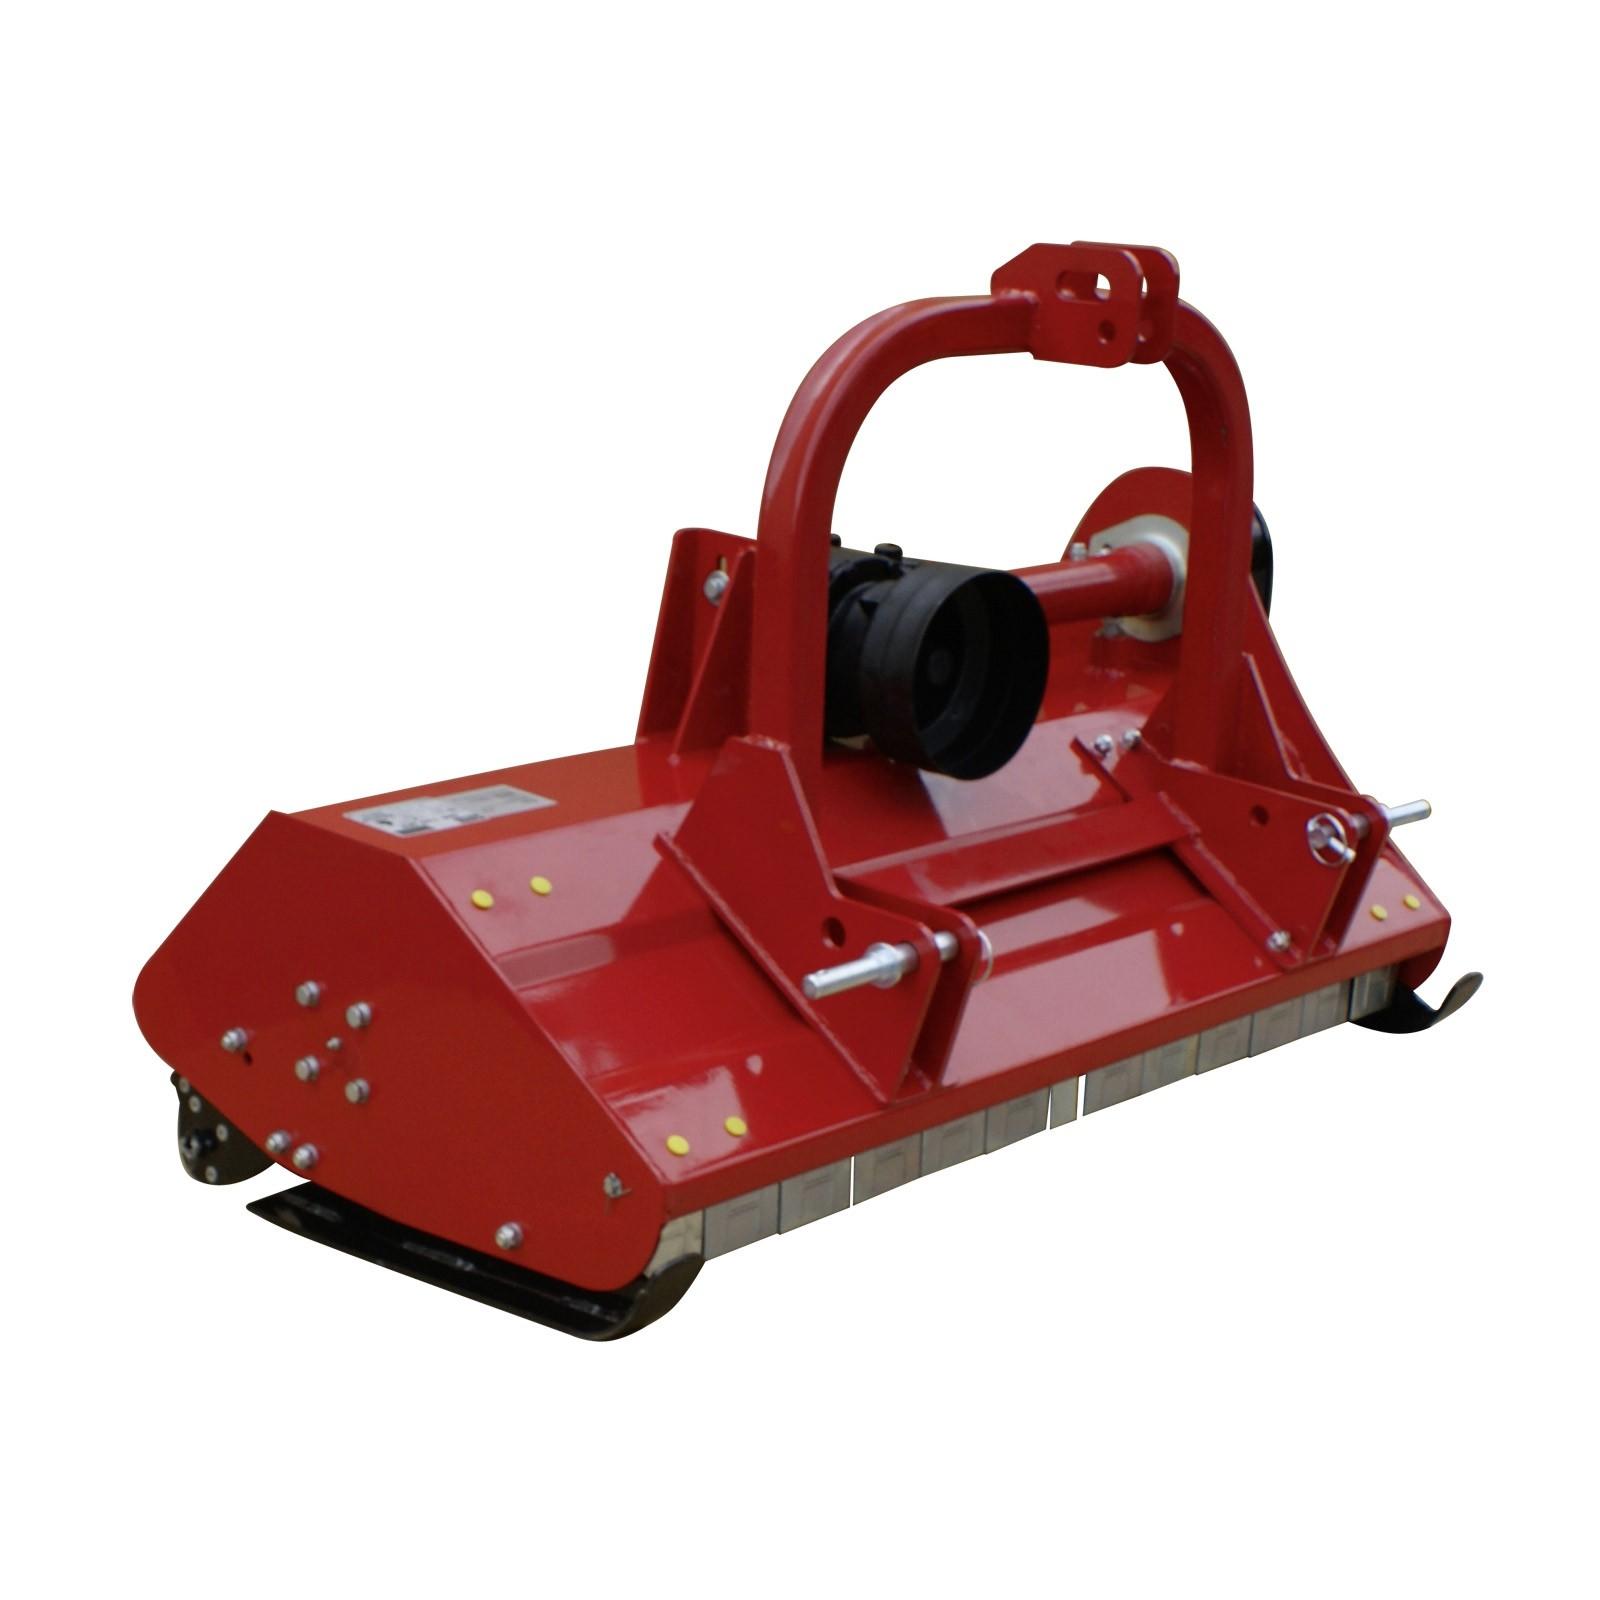 schlegelmulcher 155 cm mit hammerschlegel f r traktoren 30 40 ps. Black Bedroom Furniture Sets. Home Design Ideas